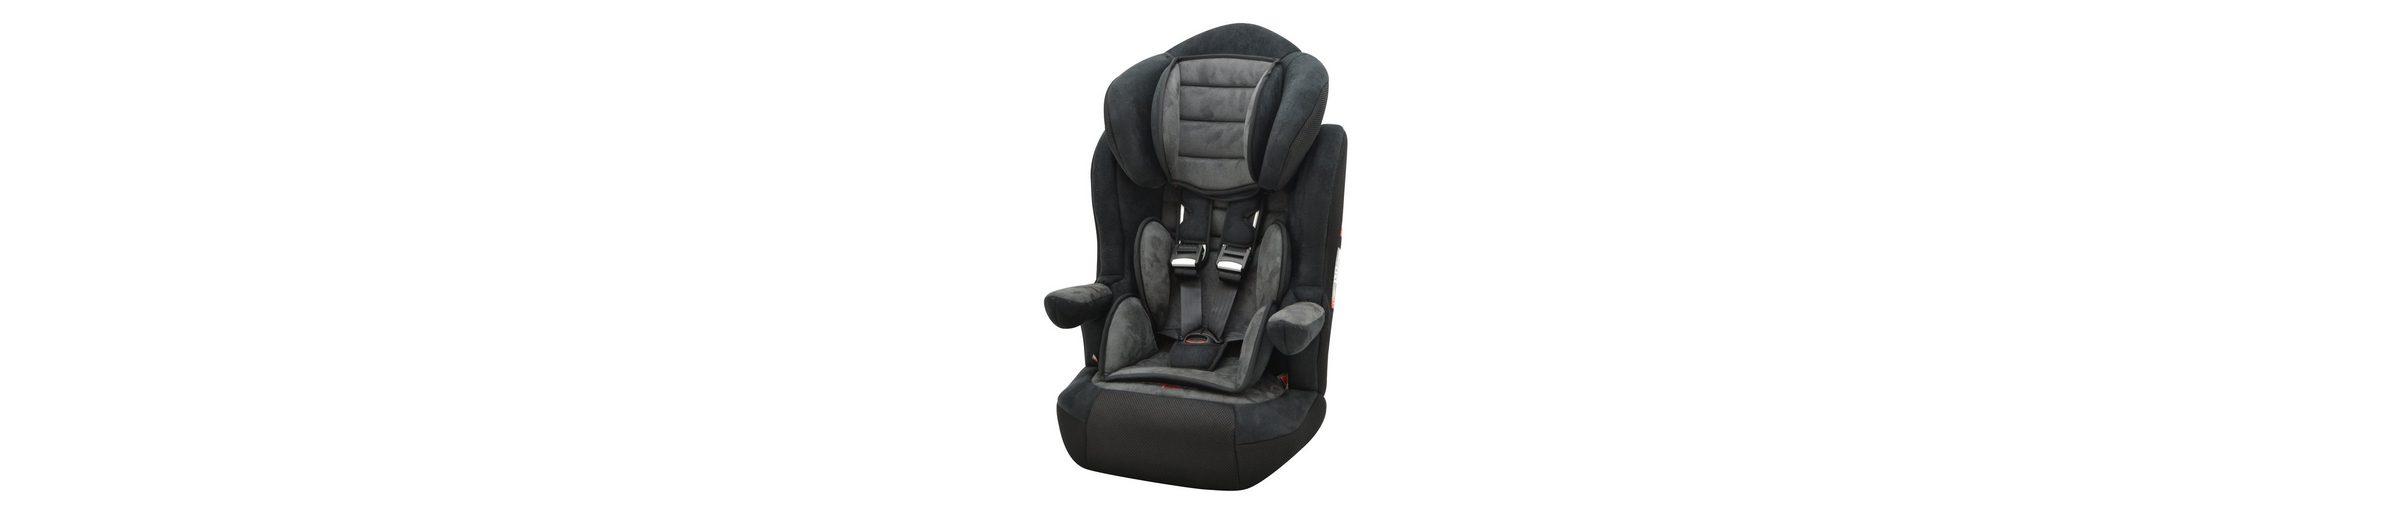 Kindersitz »I-Max SP Premium«